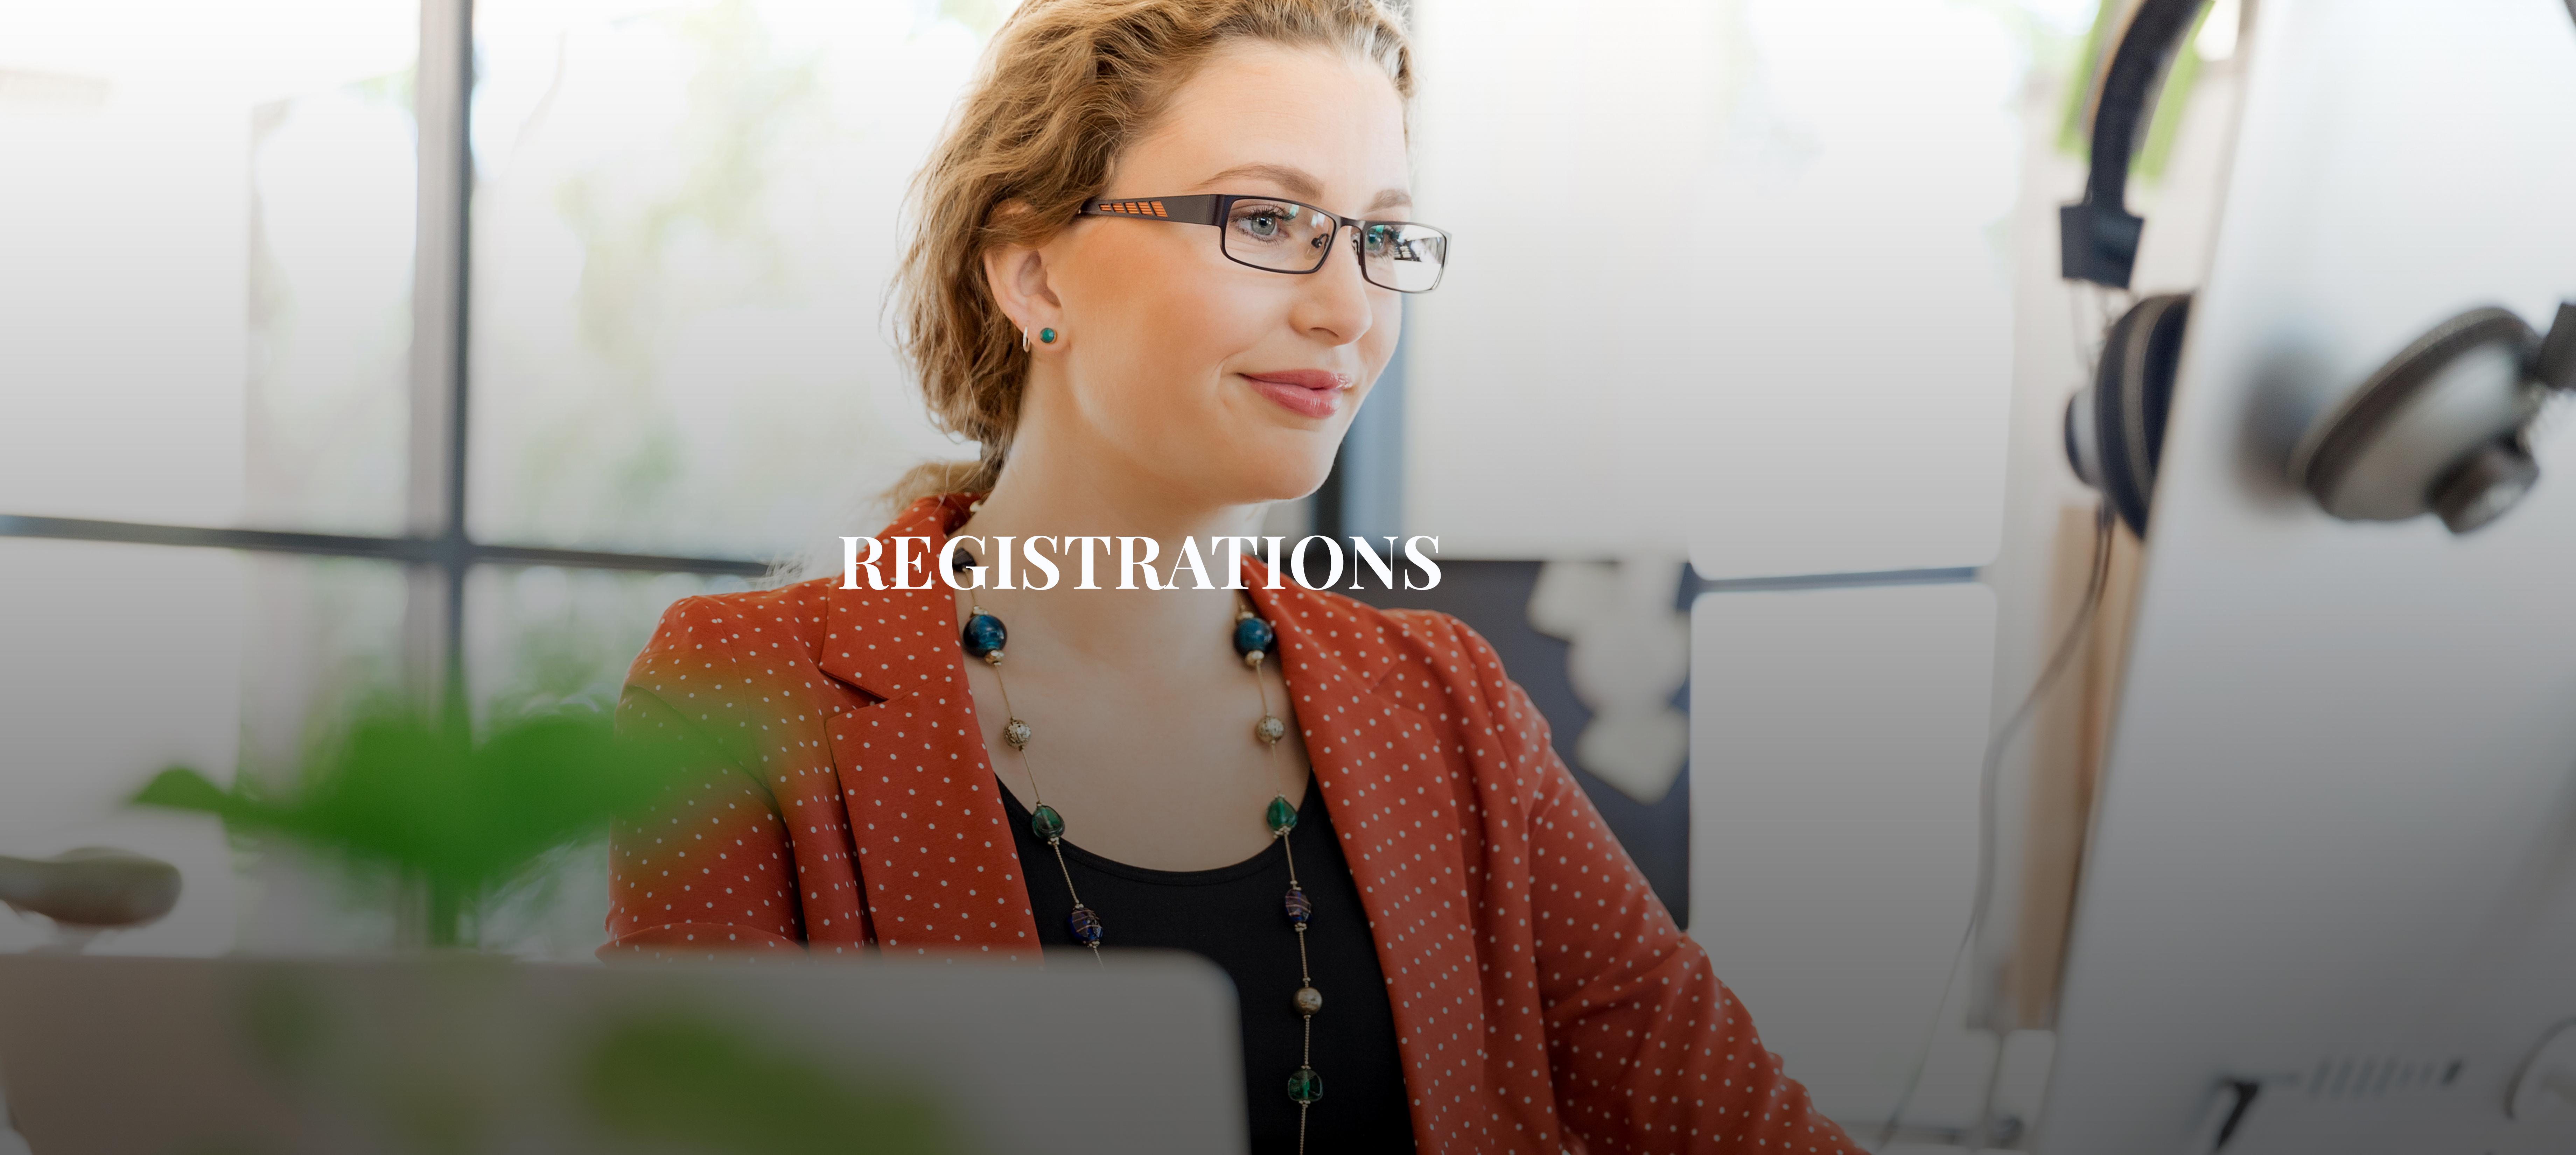 Registration at DDH Tax